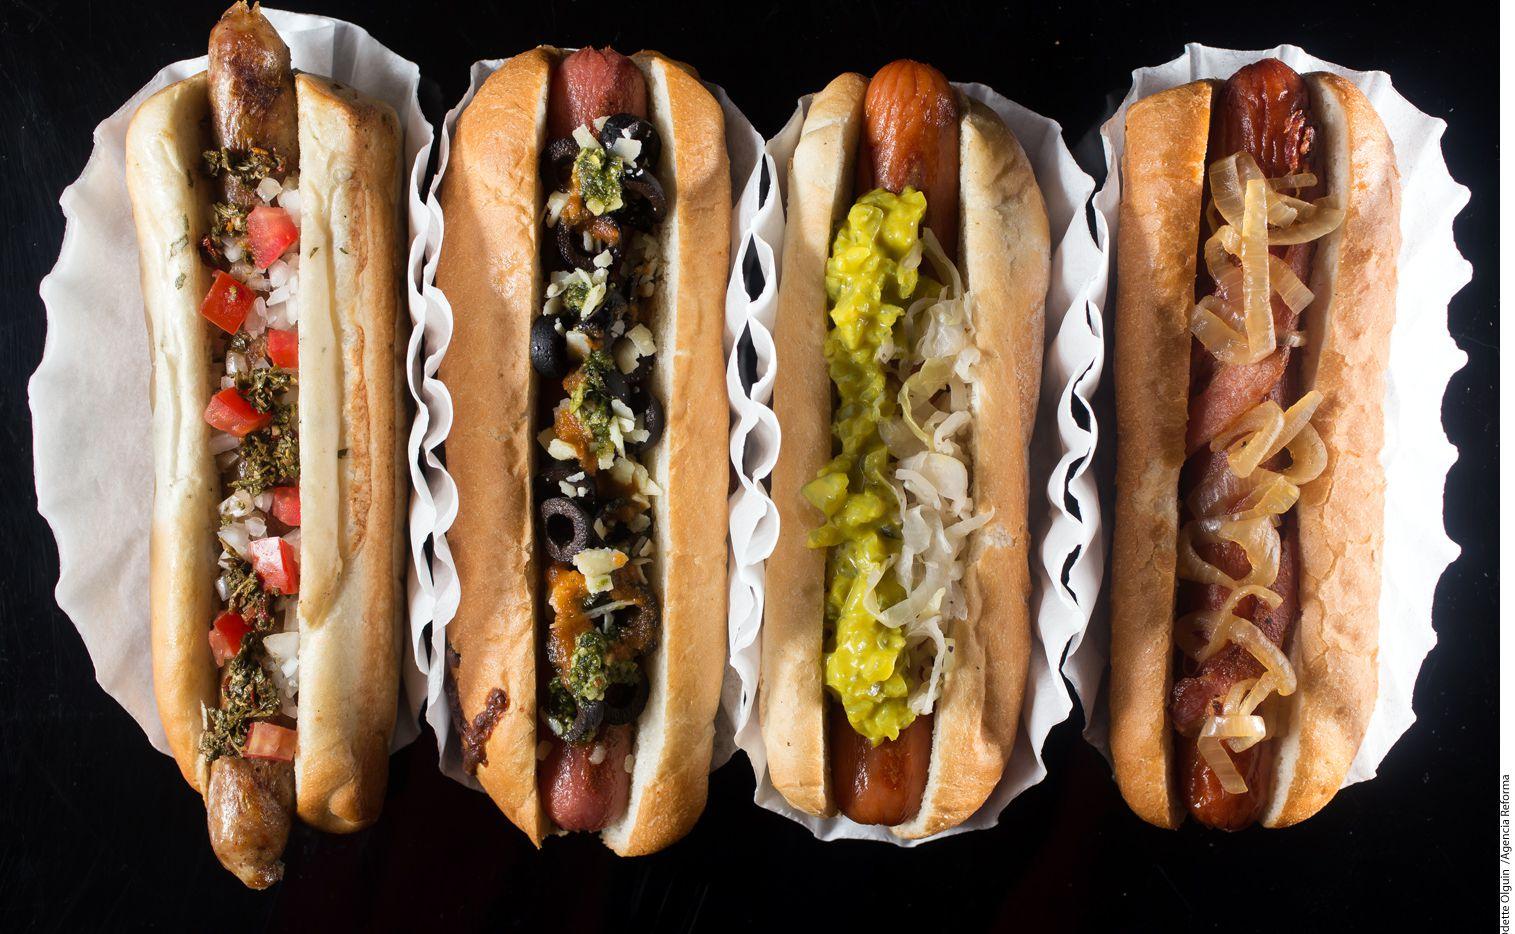 Ícono de la culinaria estadounidense, el también llamado perro caliente es un bocadillo versátil que puede prepararse en un santiamén./AGENCIA REFORMA